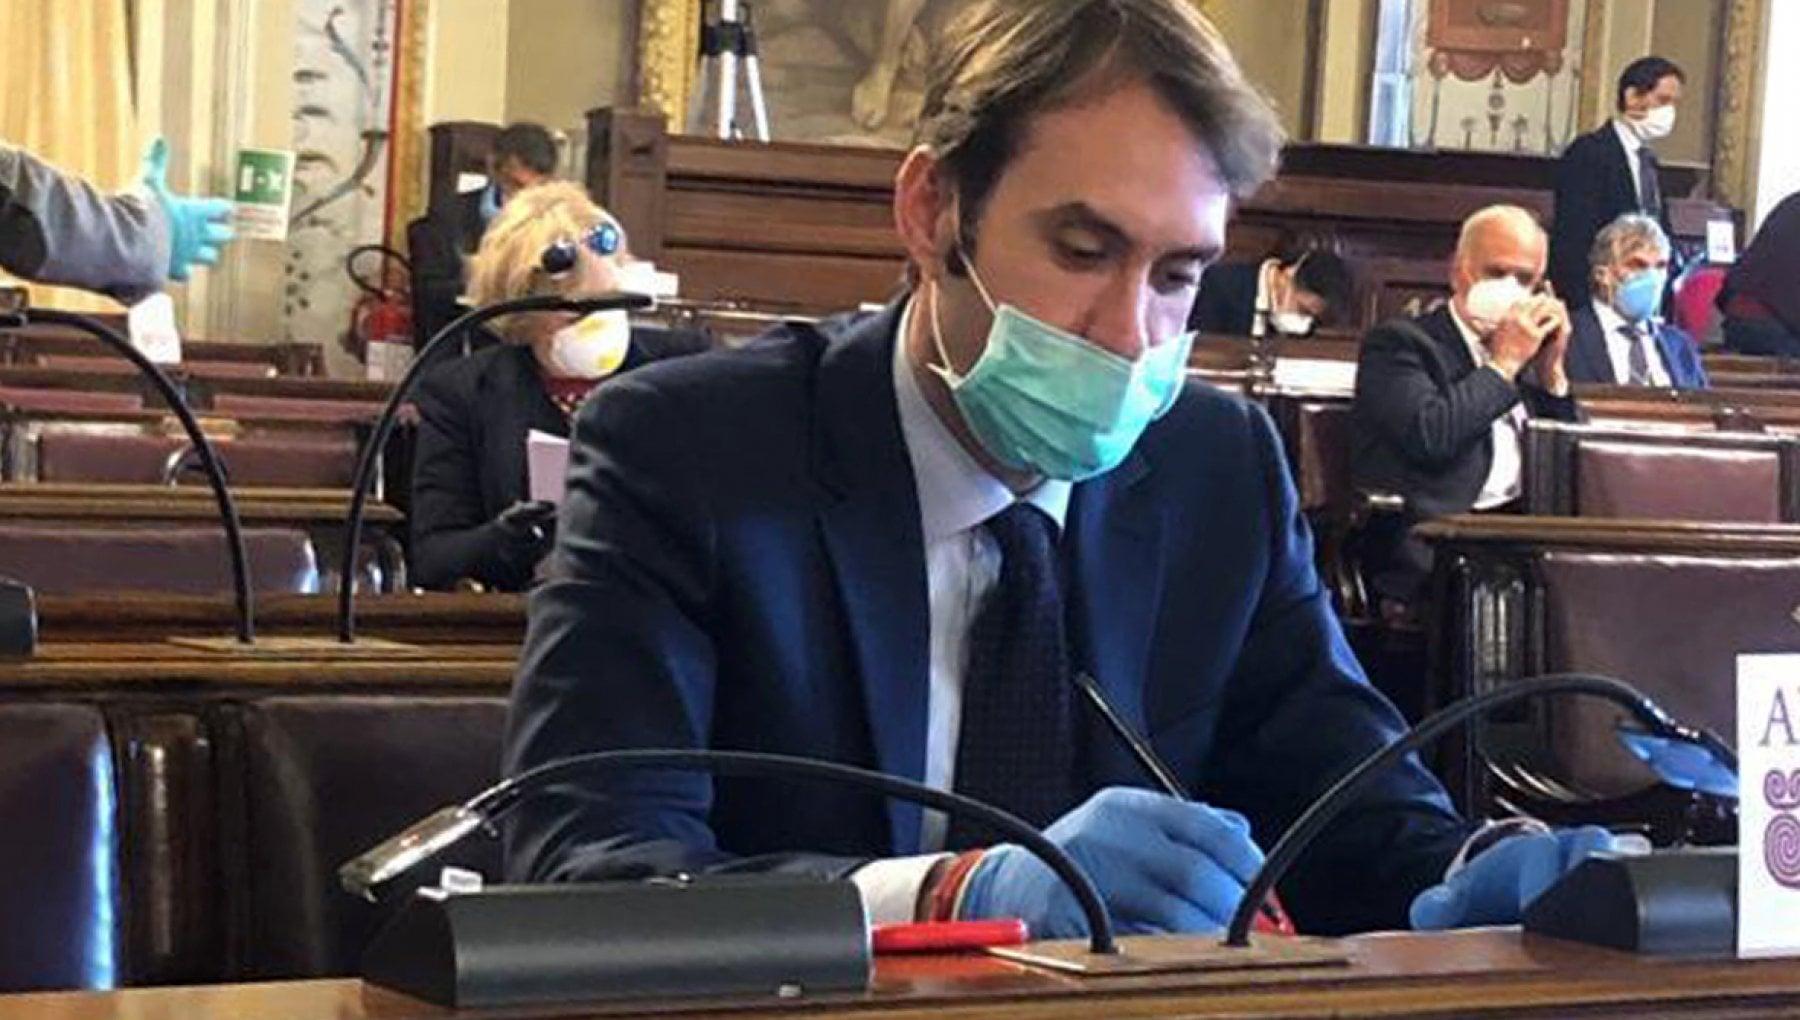 Catania il deputato renziano Sammartino indagato per corruzione elettorale